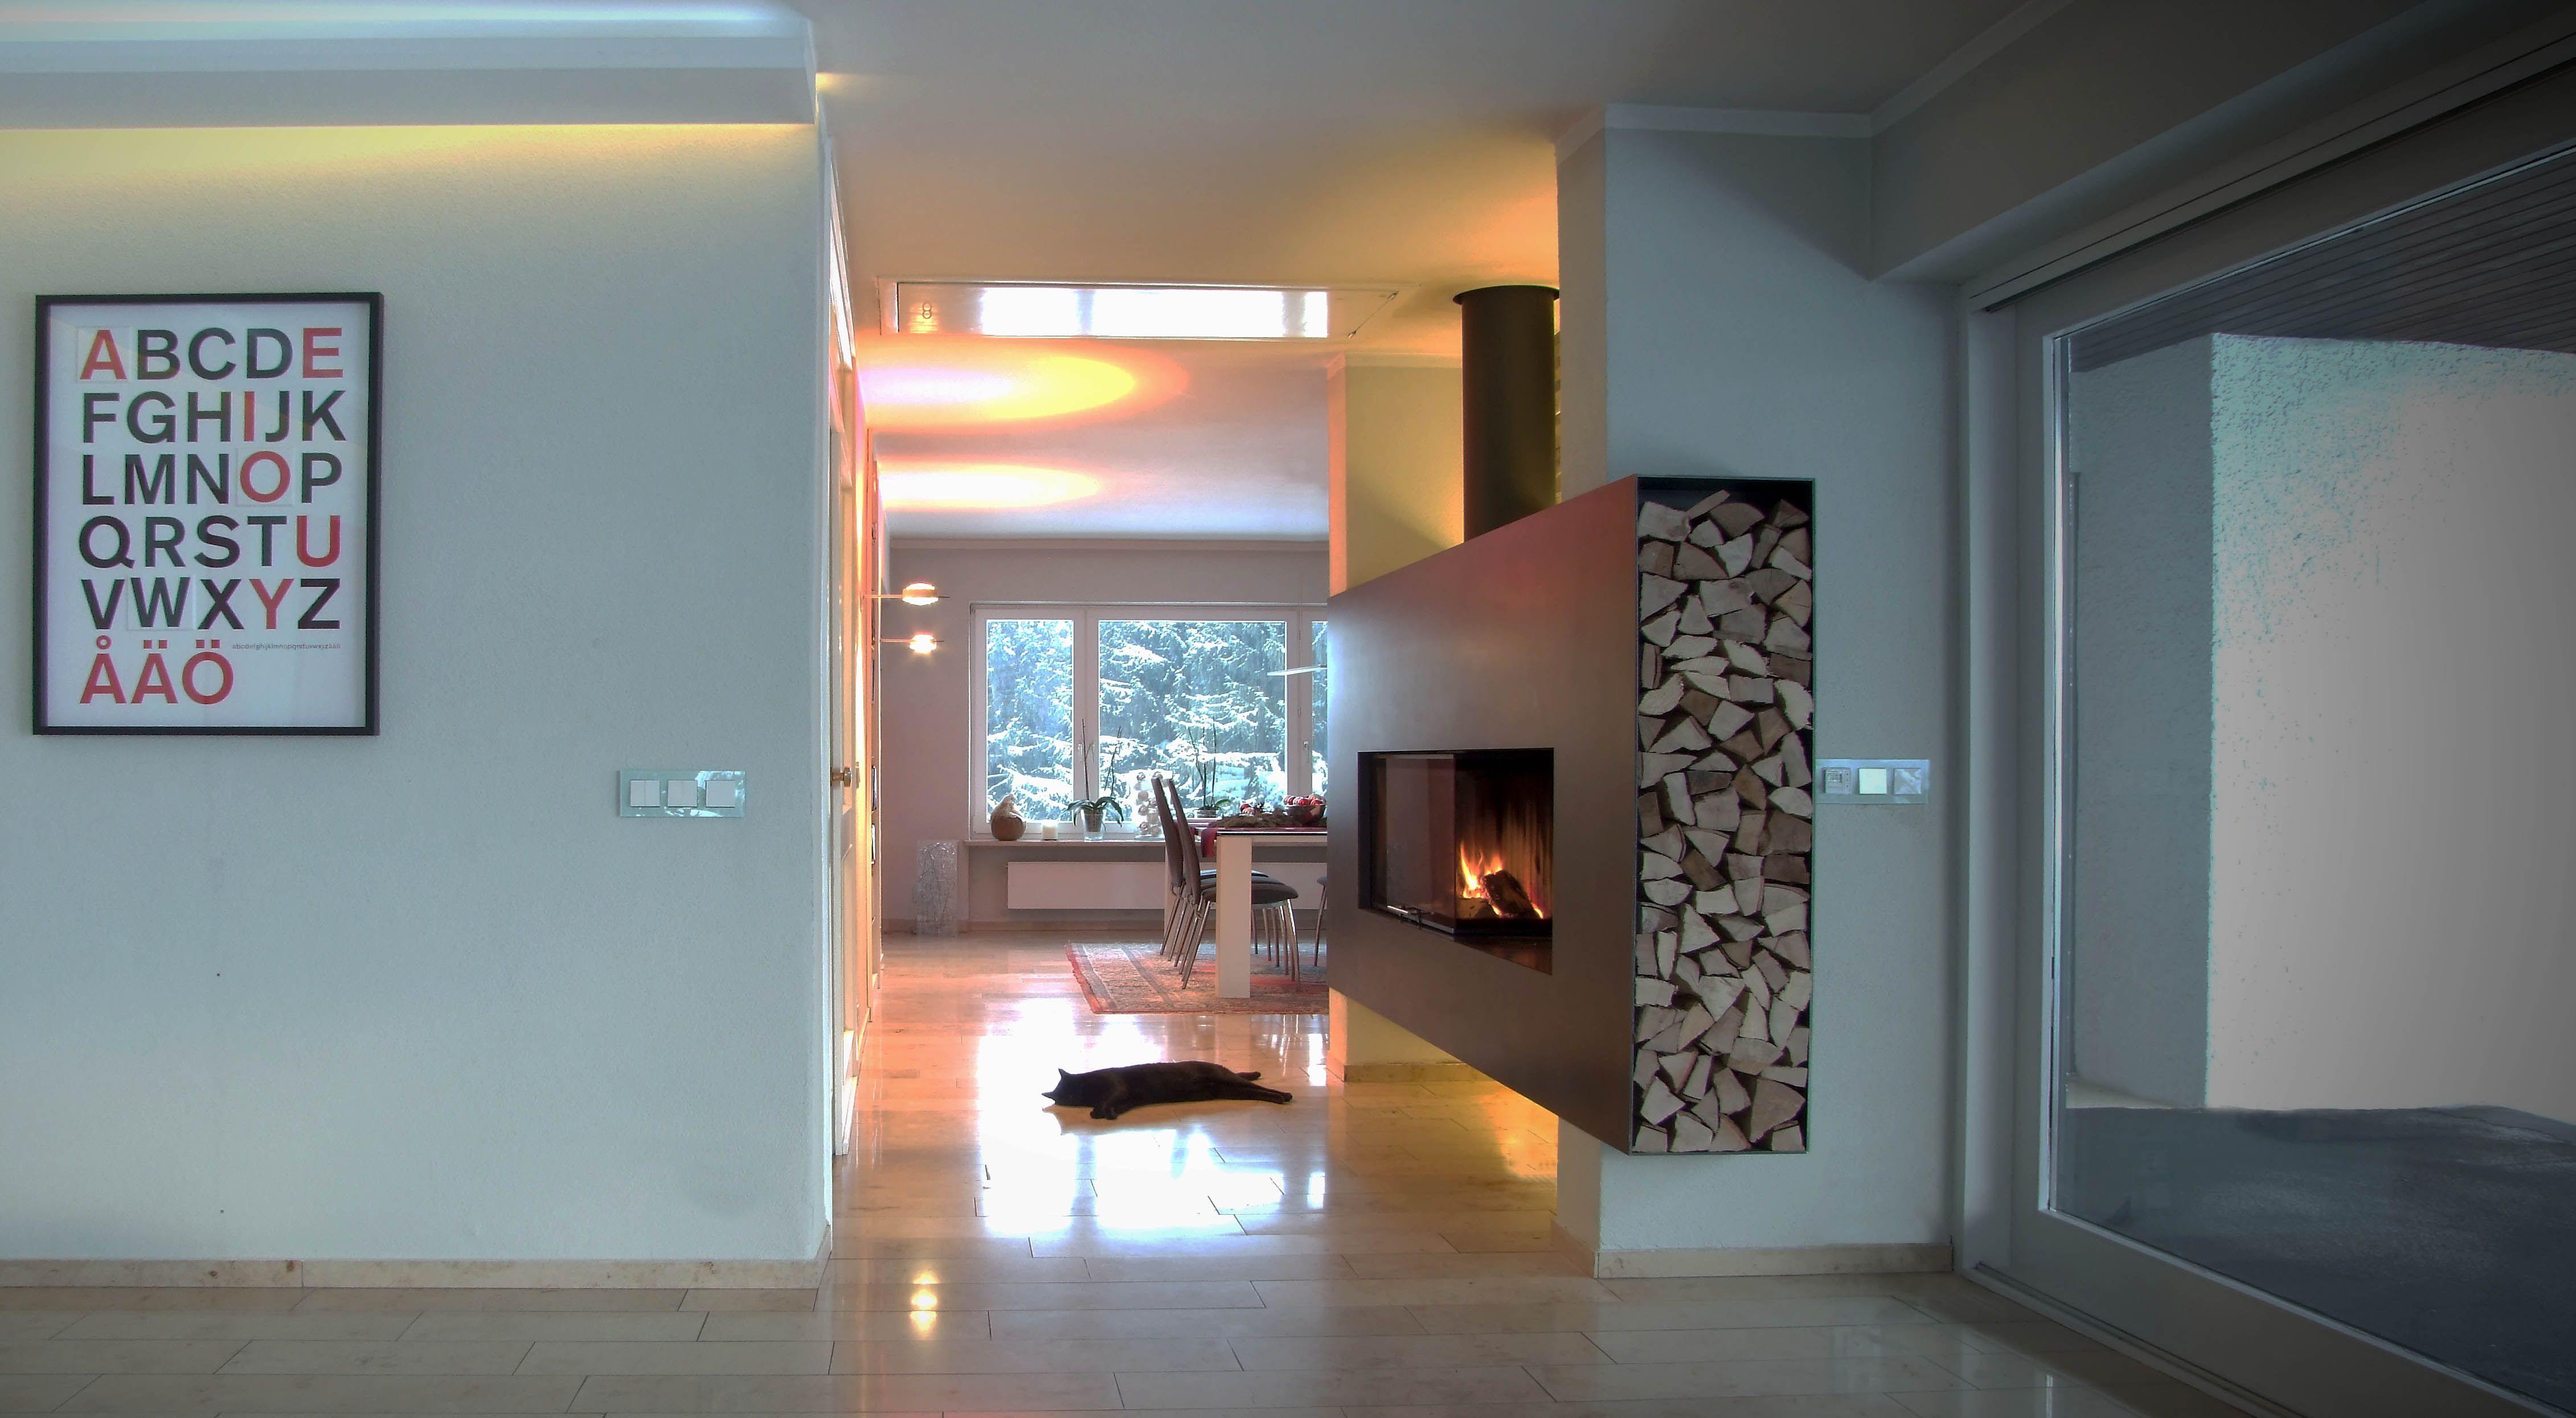 moderner schwebender kamin mit stahlfront modern floating fireplace made of steel moderne. Black Bedroom Furniture Sets. Home Design Ideas